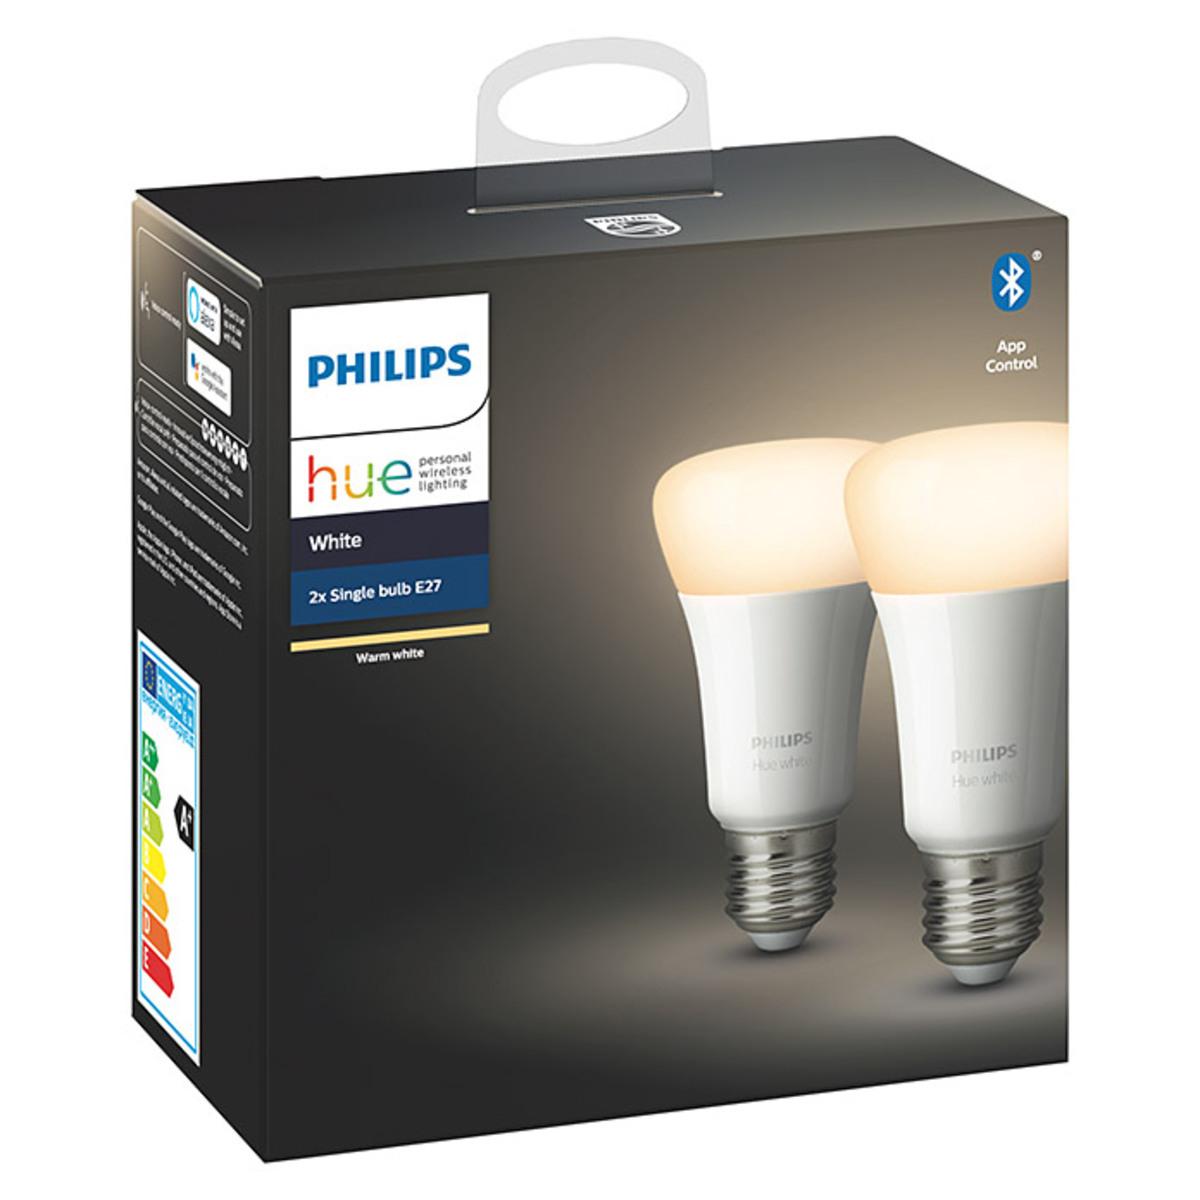 Bild 5 von Philips Hue LED-Leuchtmittel-Set White